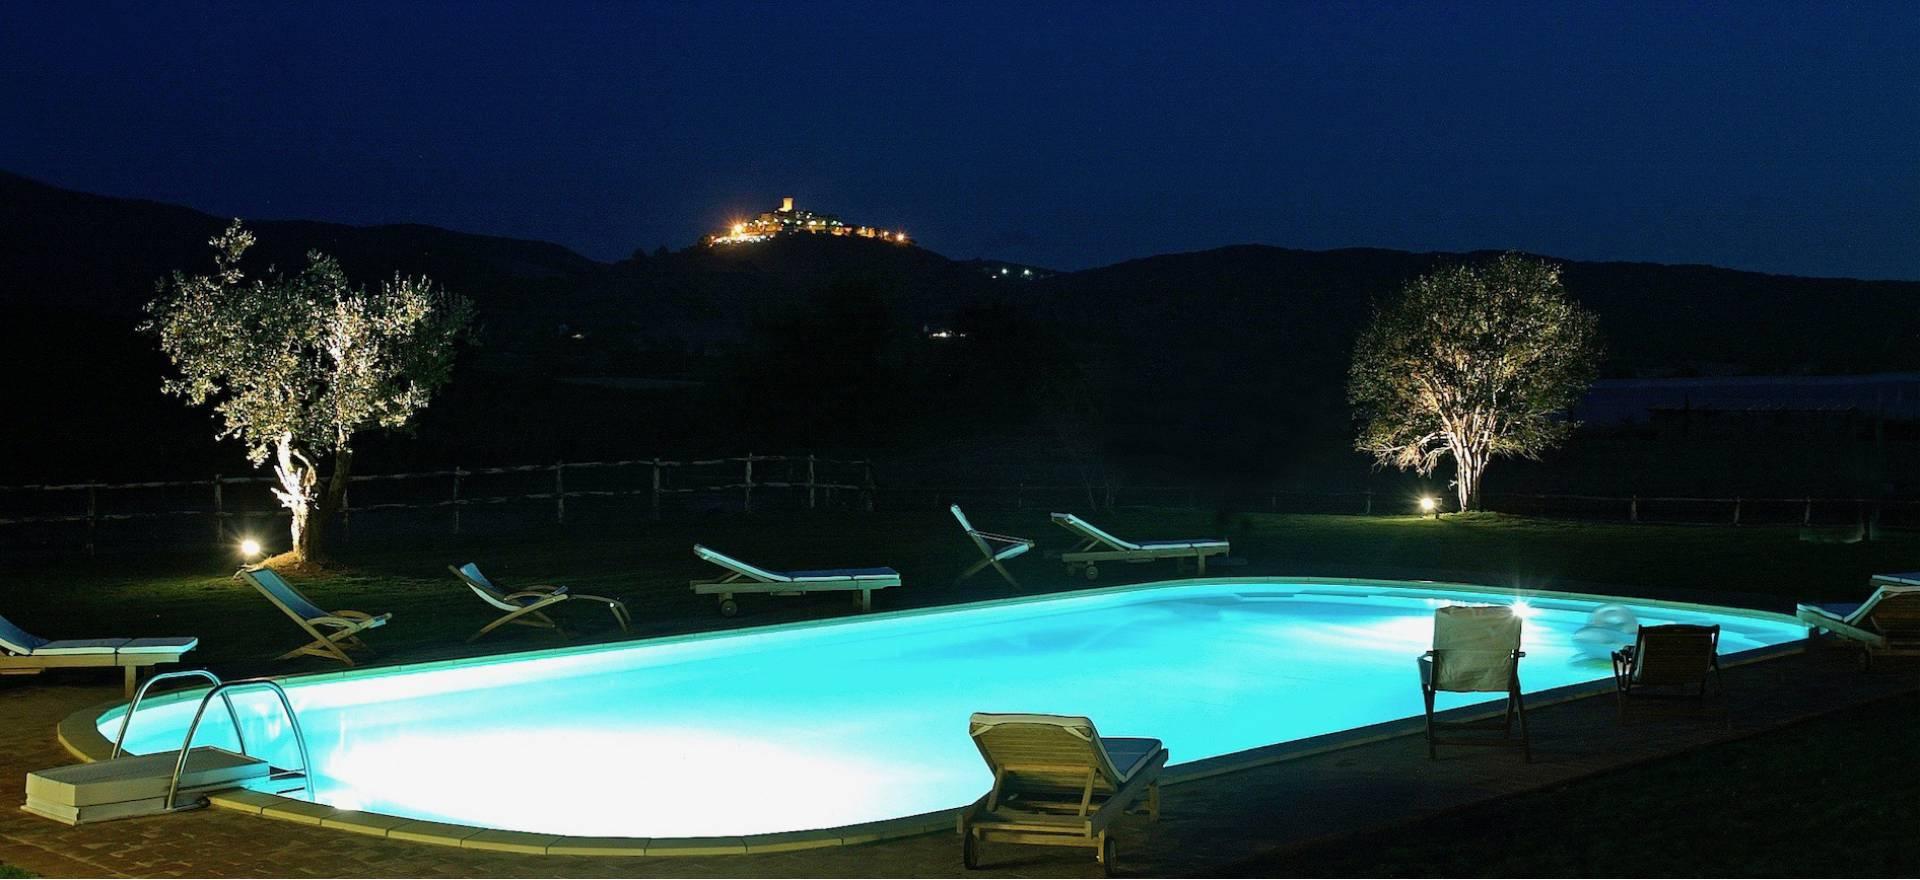 Agriturismo toscane romantische kamers en vlakbij zee - Romantische kamers ...